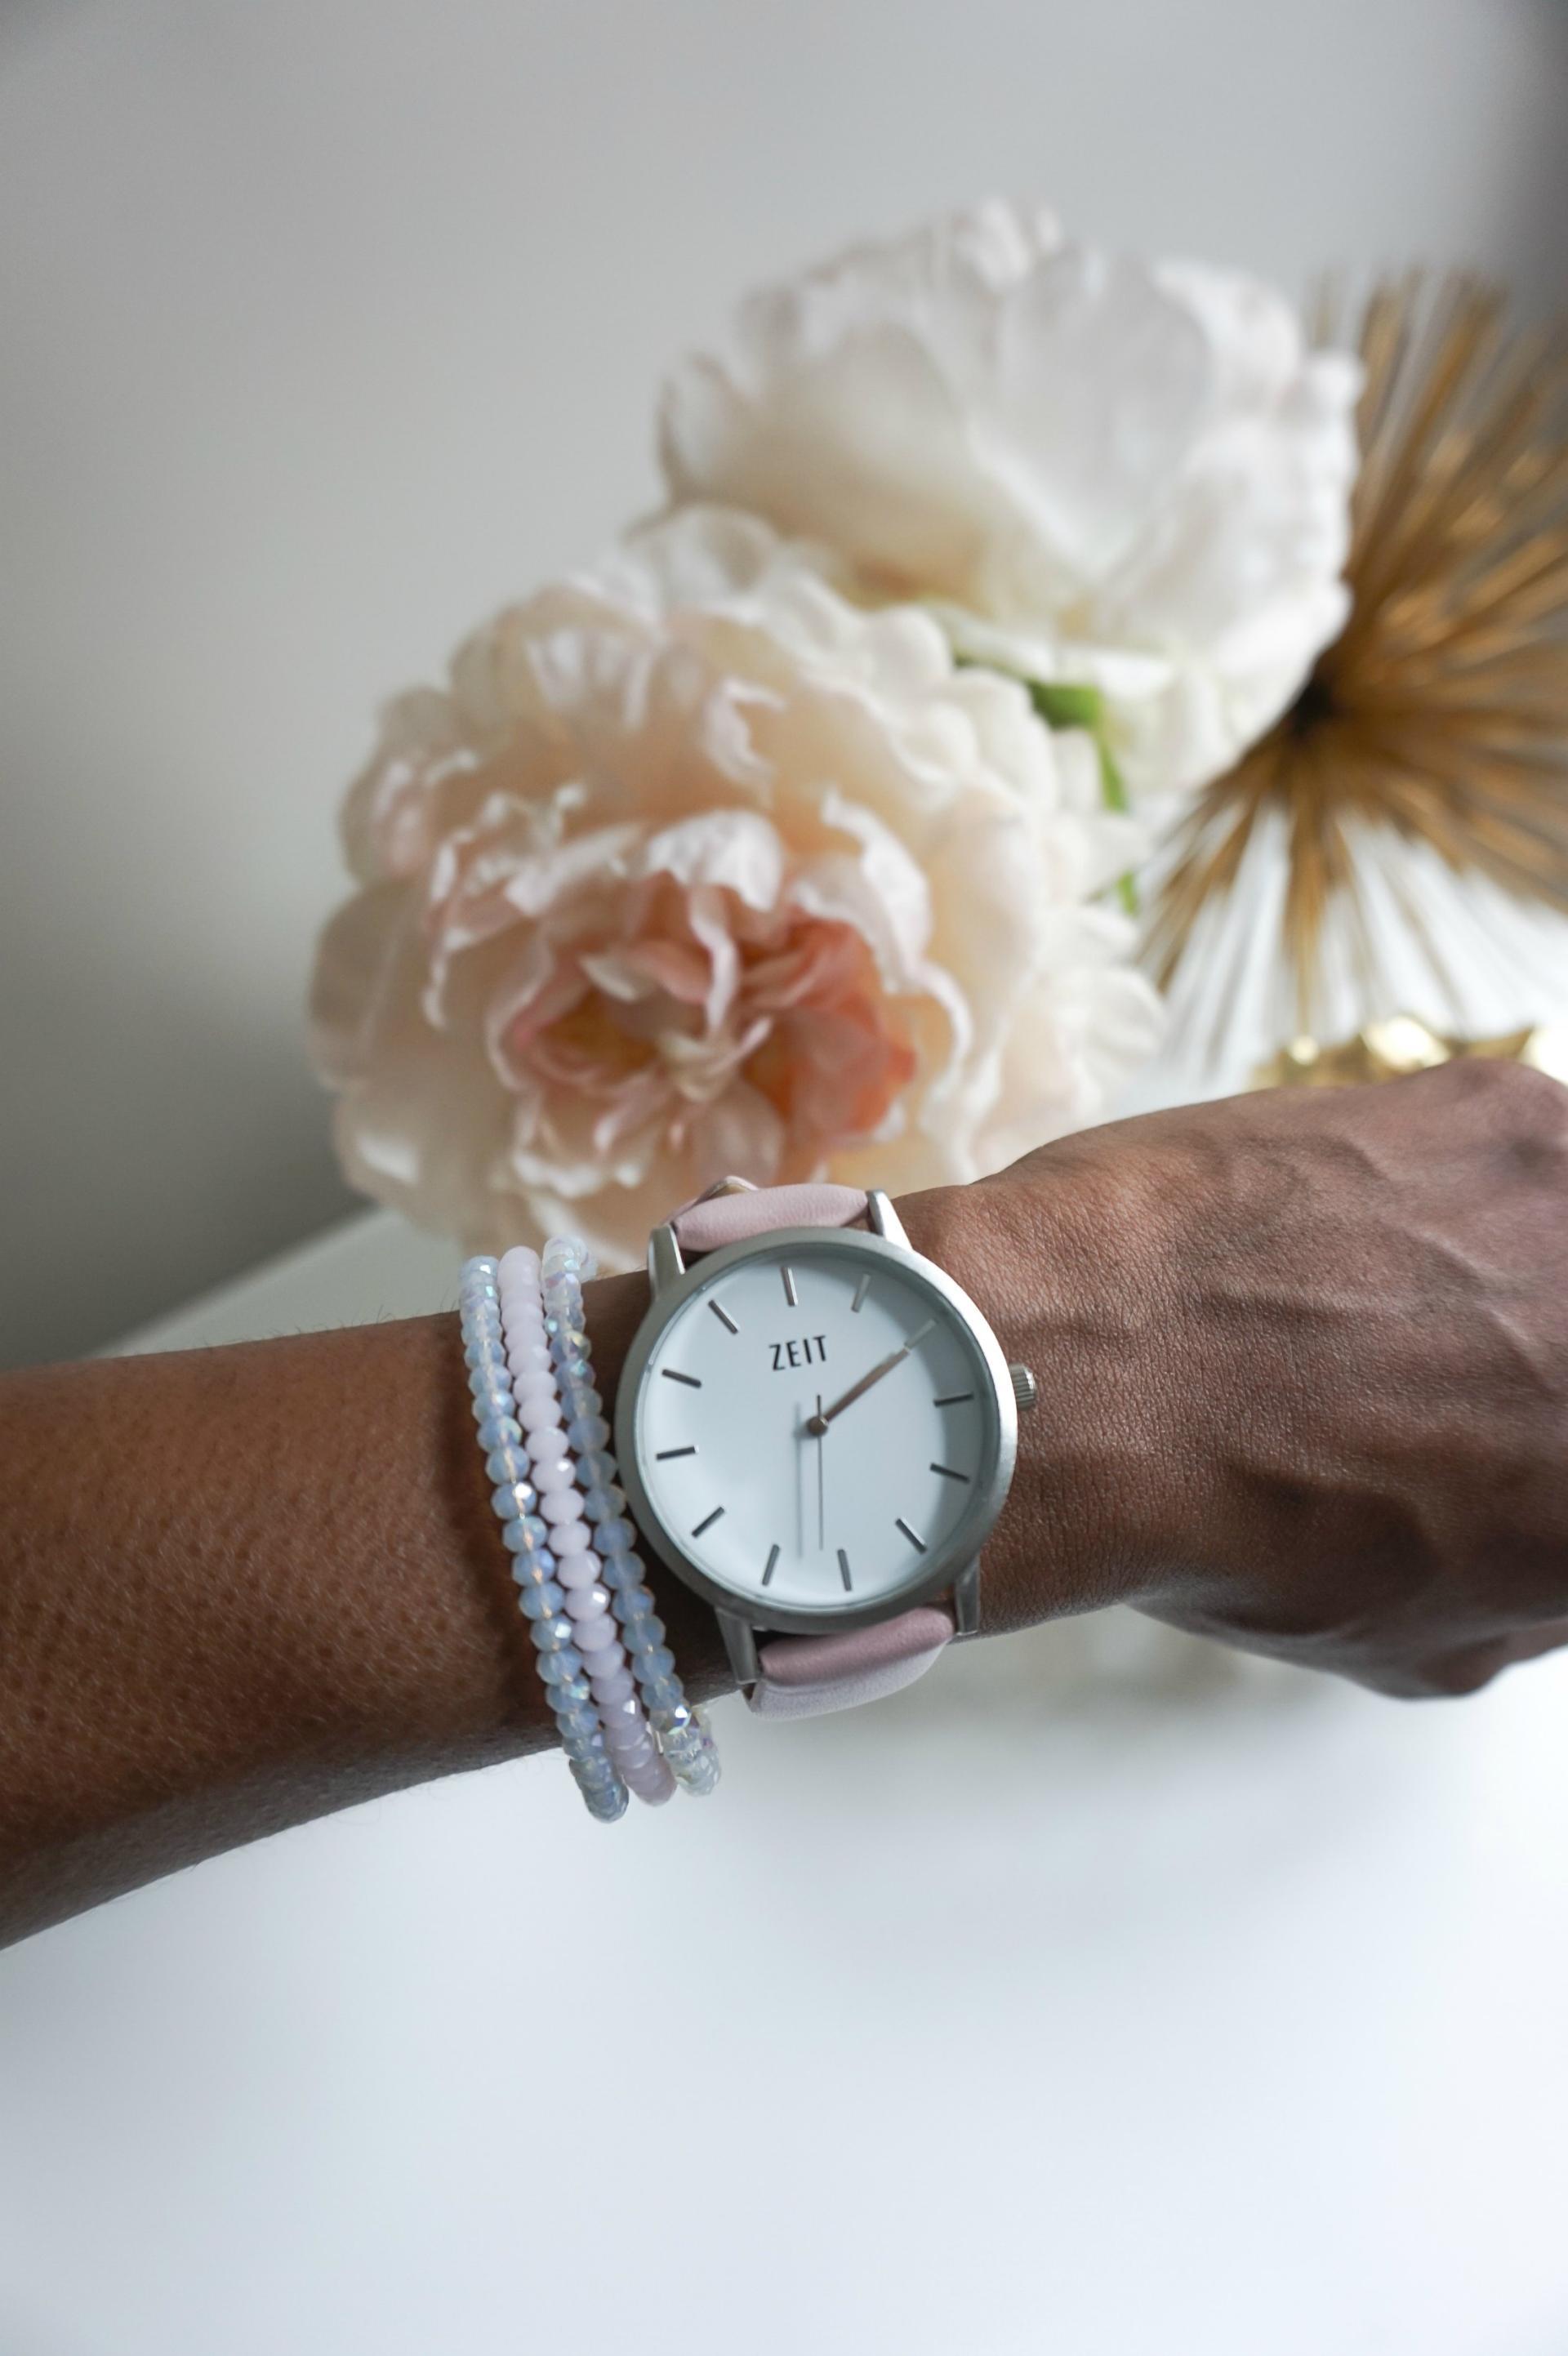 Zeit Watch Co.